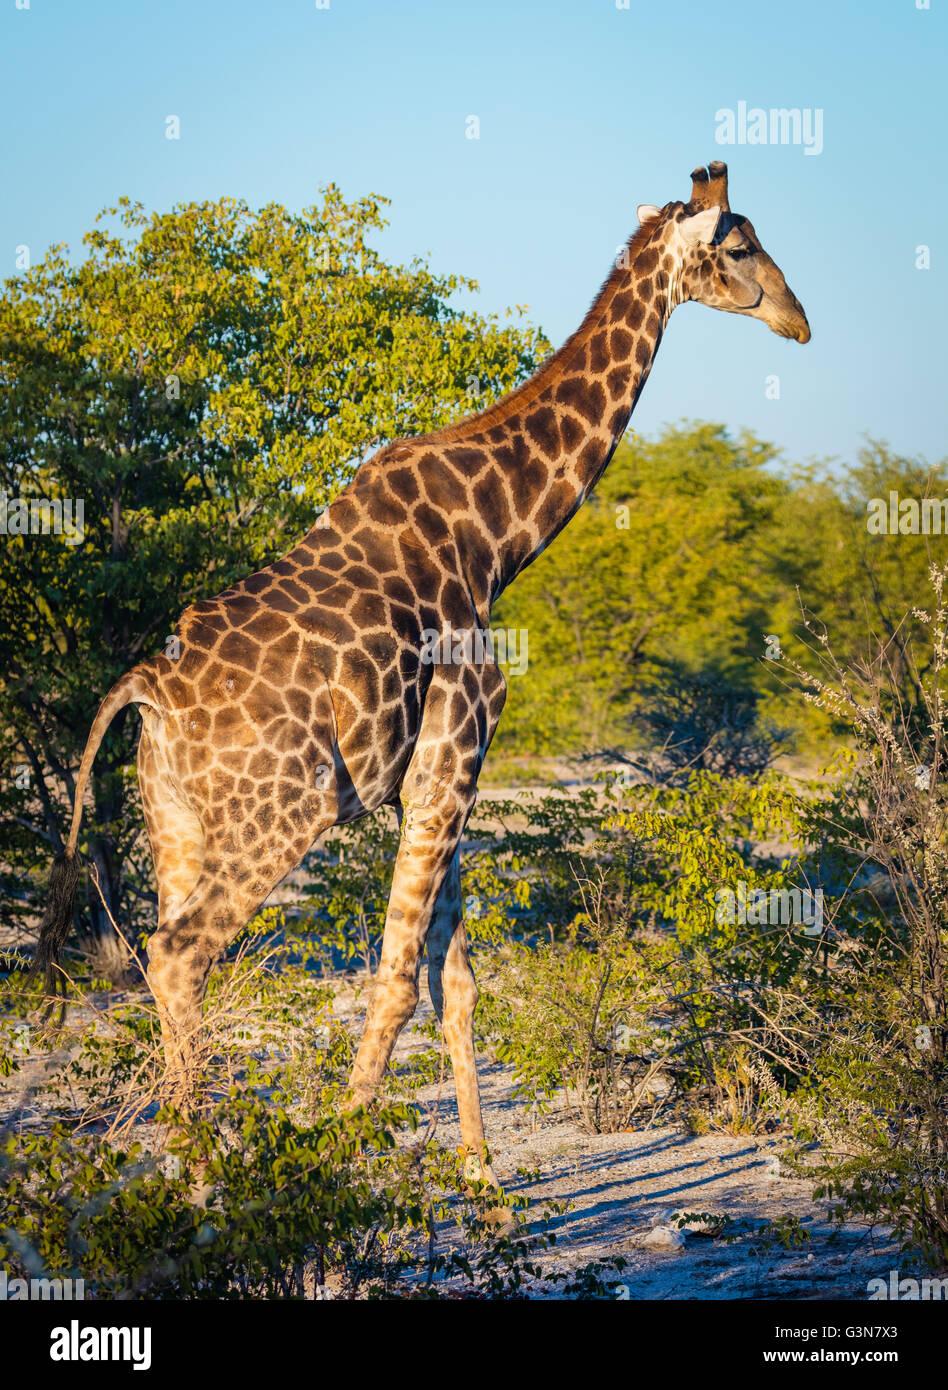 Die Giraffe (Giraffa Plancius) ist eine afrikanische sogar-toed Huftier Säugetier, das größte lebende Stockbild